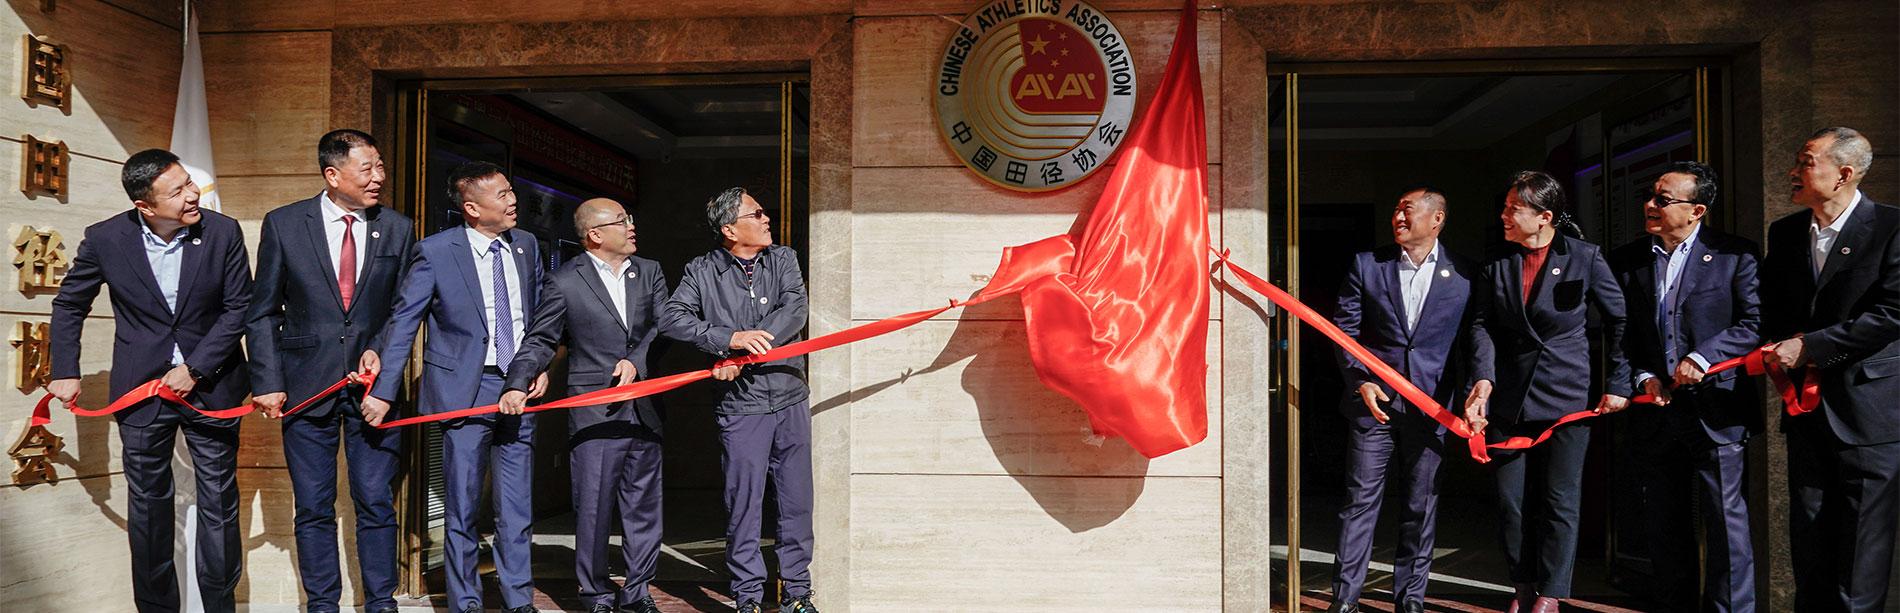 以制度建设为主线 全面提升协会行业治理能力—段世杰介绍中国田径协会制度修订工作